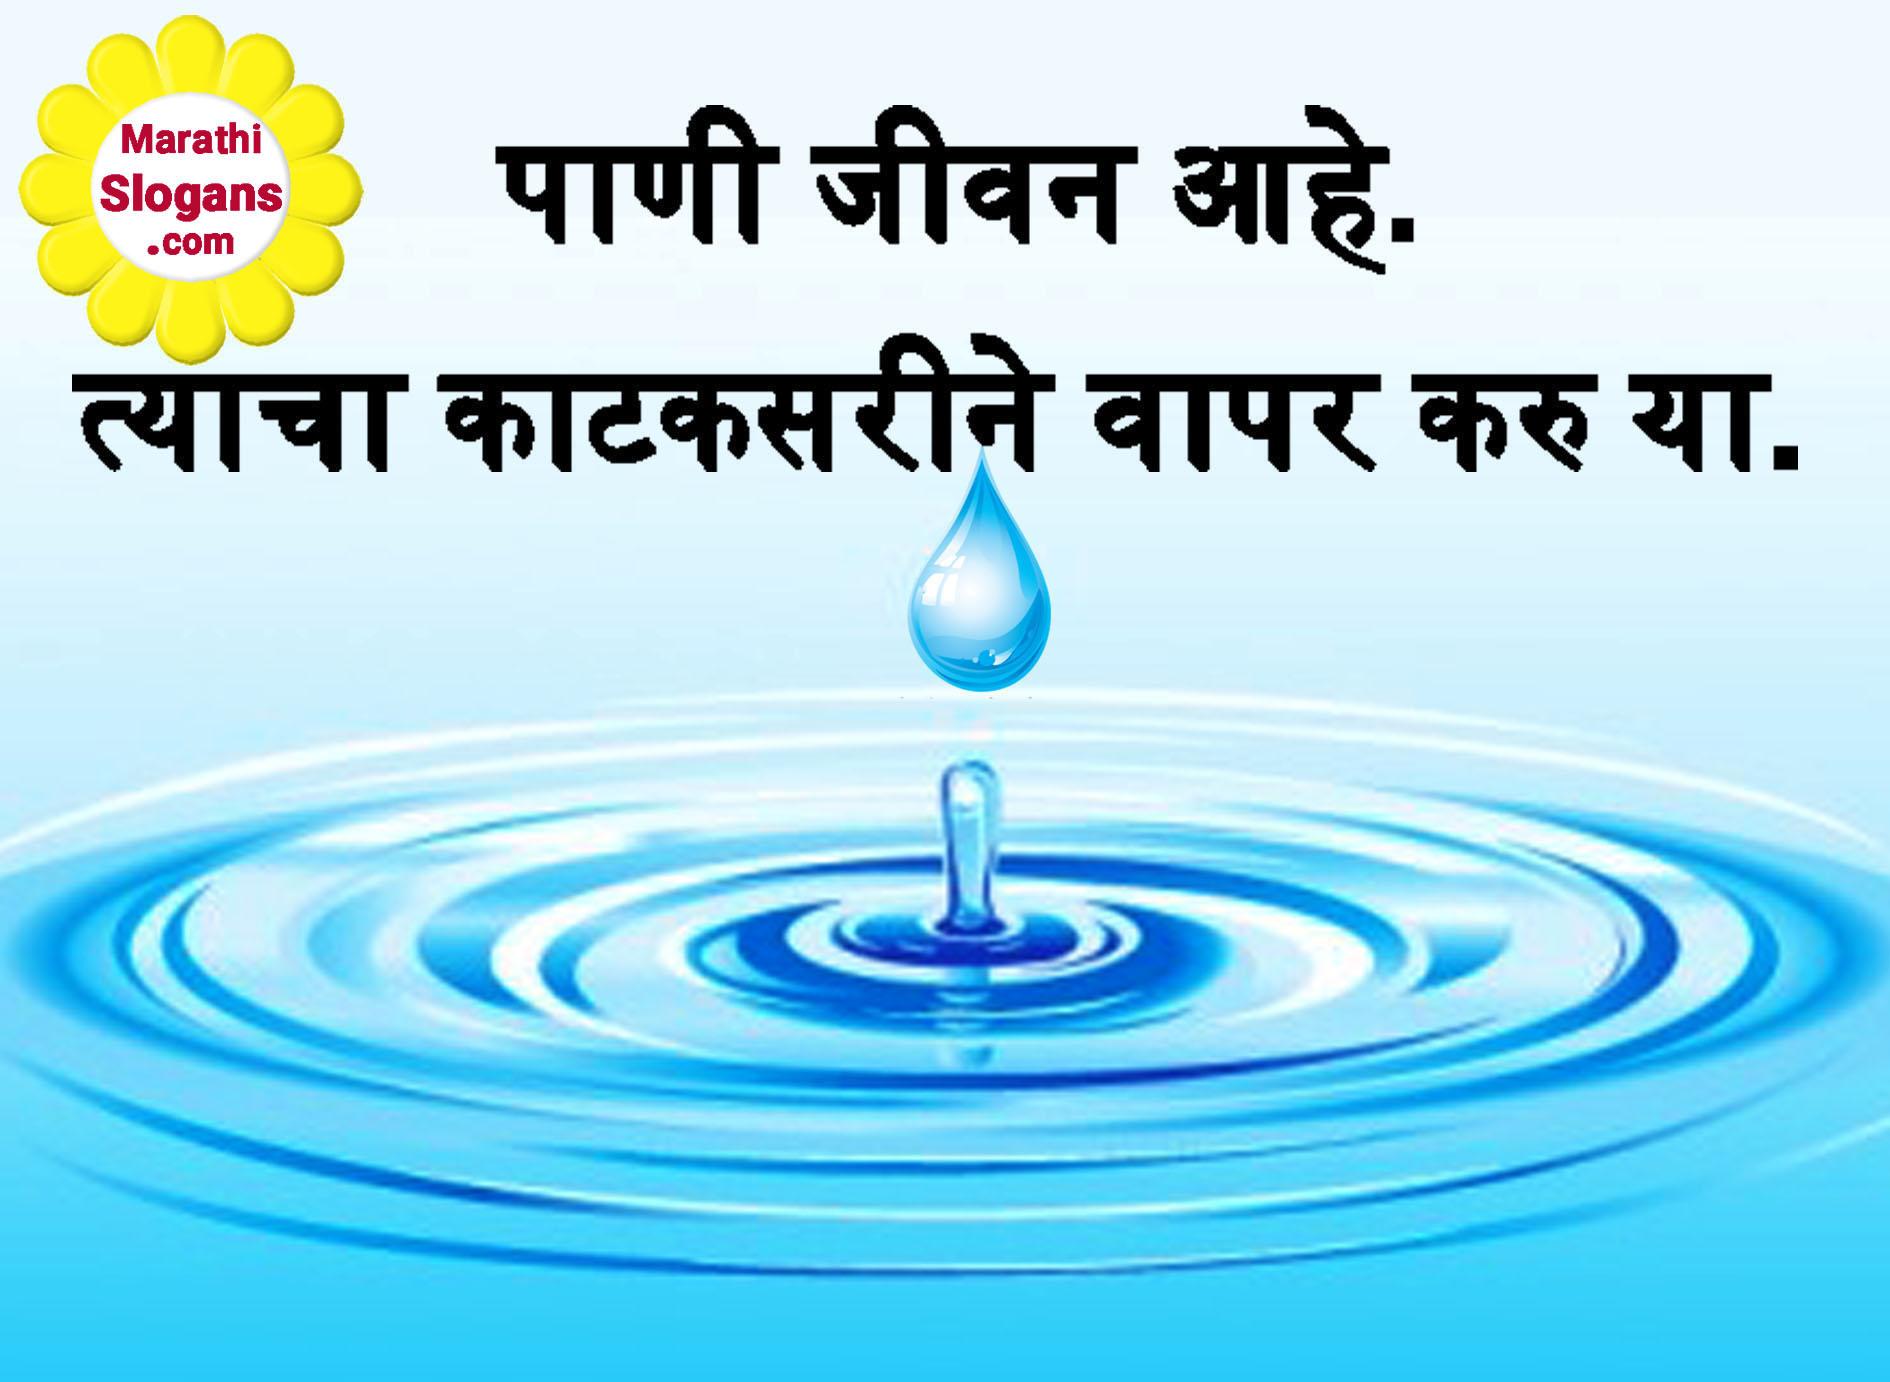 water slogans प ण घ षव क य in marathi page 2